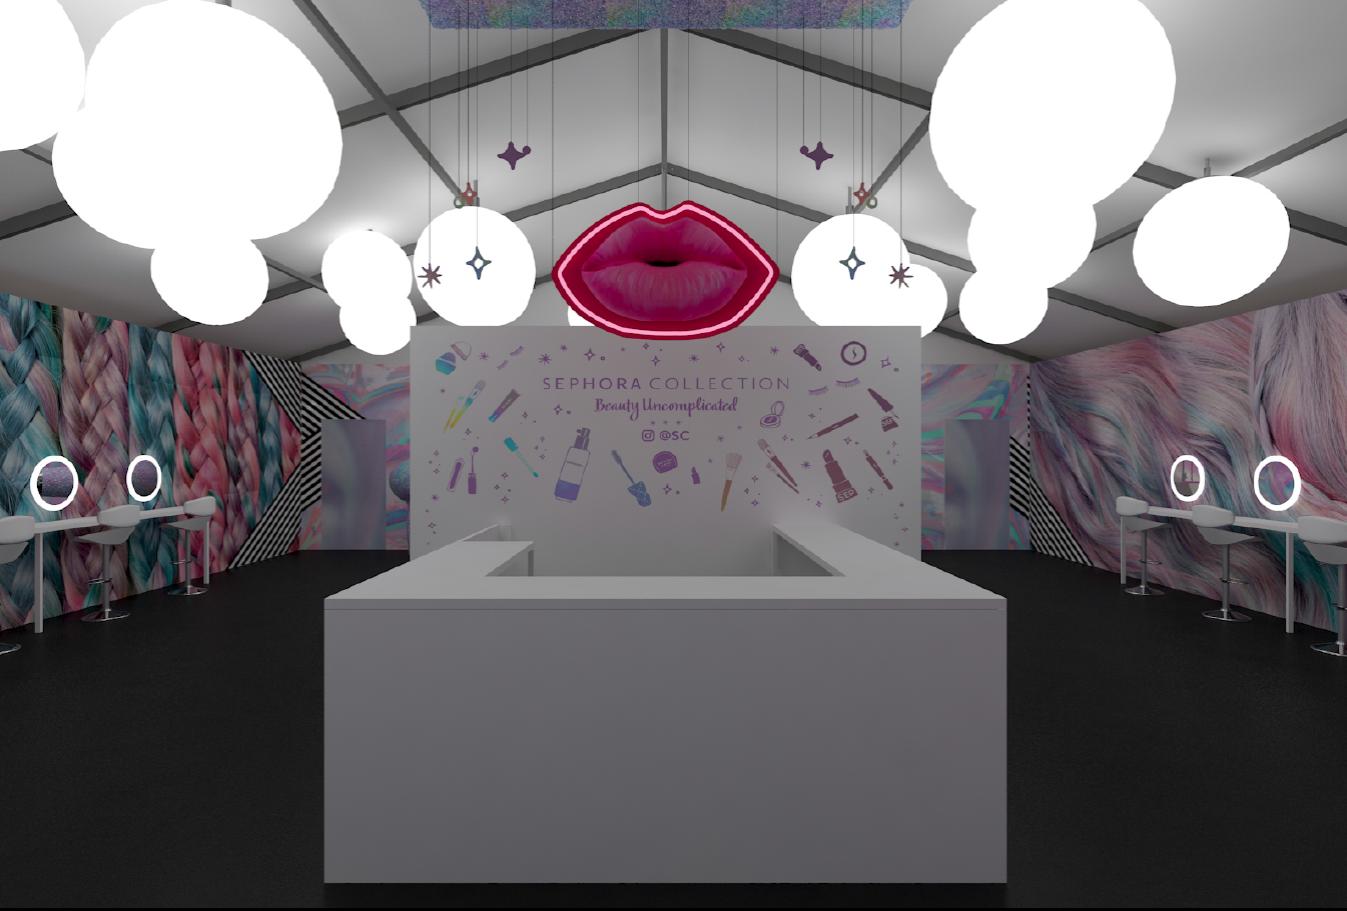 coachella-tent-rendering-jpg.png